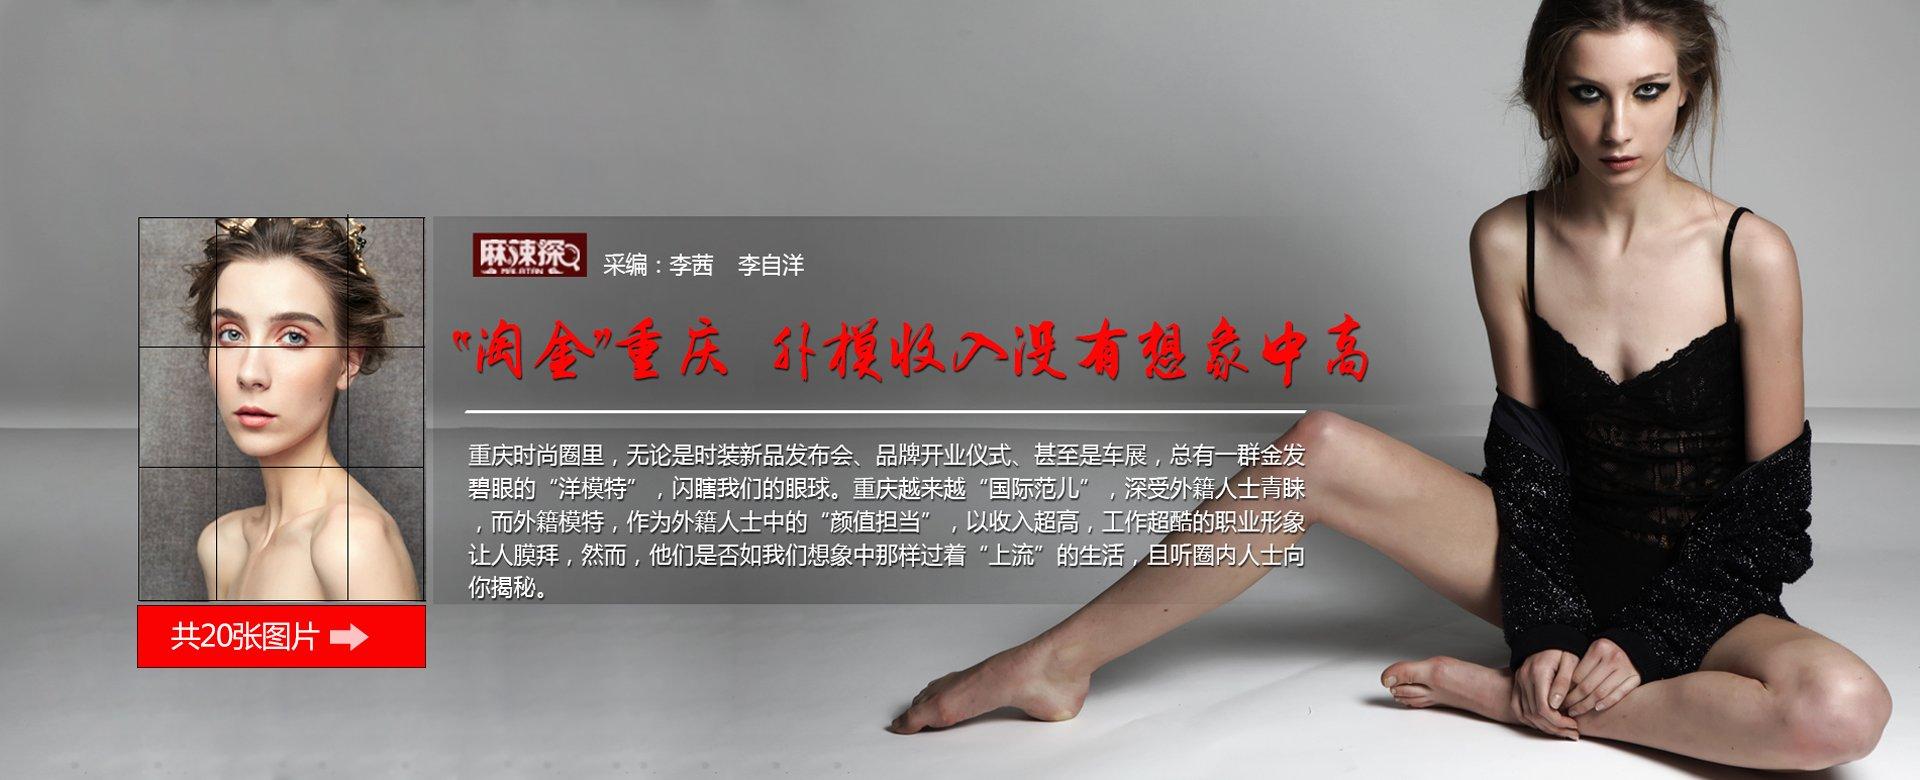 """""""淘金""""重庆 外模收入没有想象中高"""